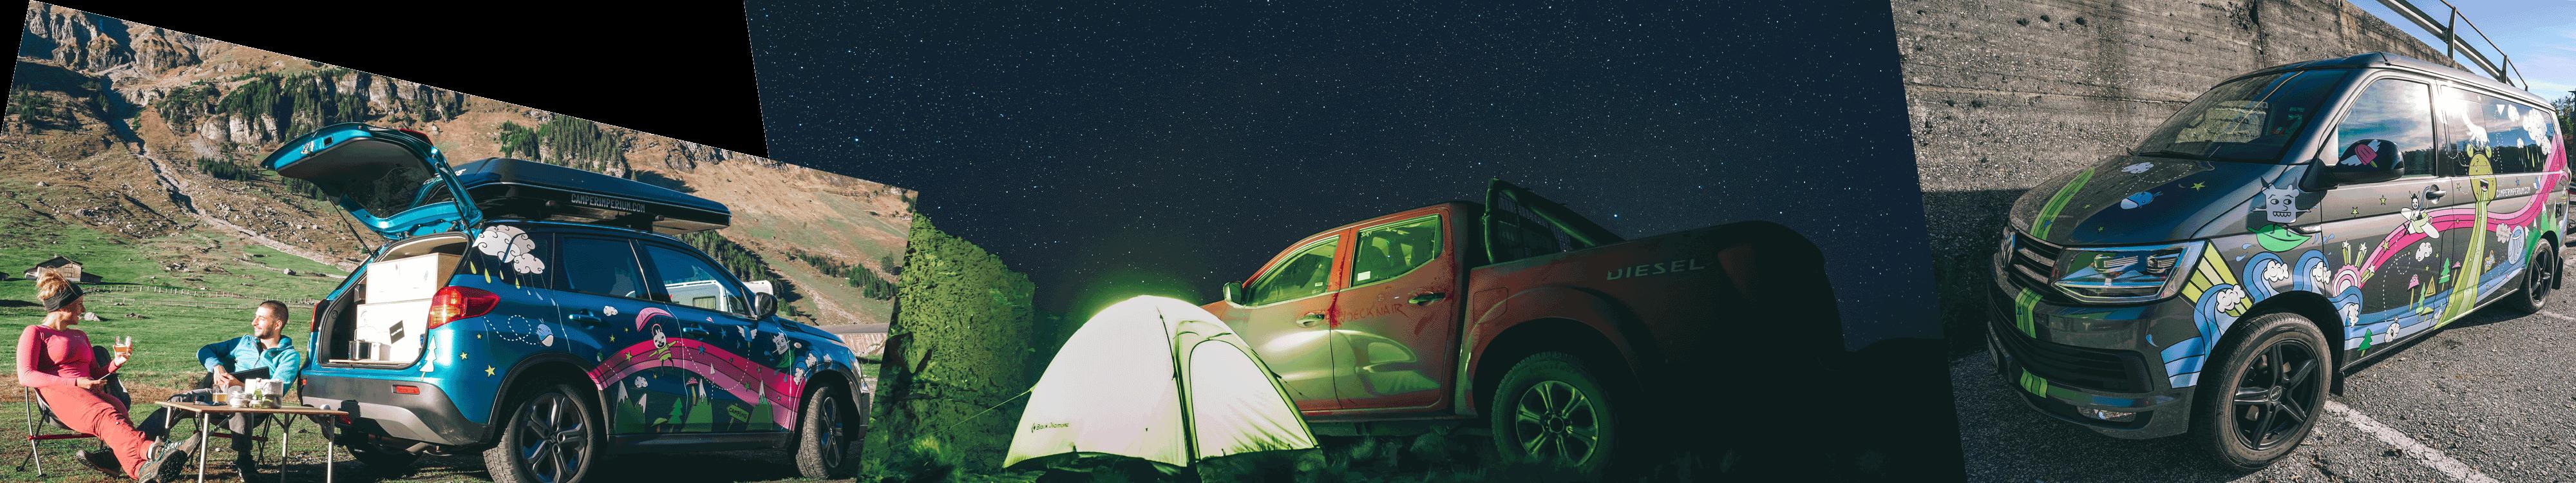 Vero sitzt im Klausental neben unserem Dachzeltcamper. Auf der Laderampe vom Pickup war es in Südamerika nicht so gemütlich wie in unserem Zelt. Kowalski steht mit frischer Folierung auf einem Parkplatz